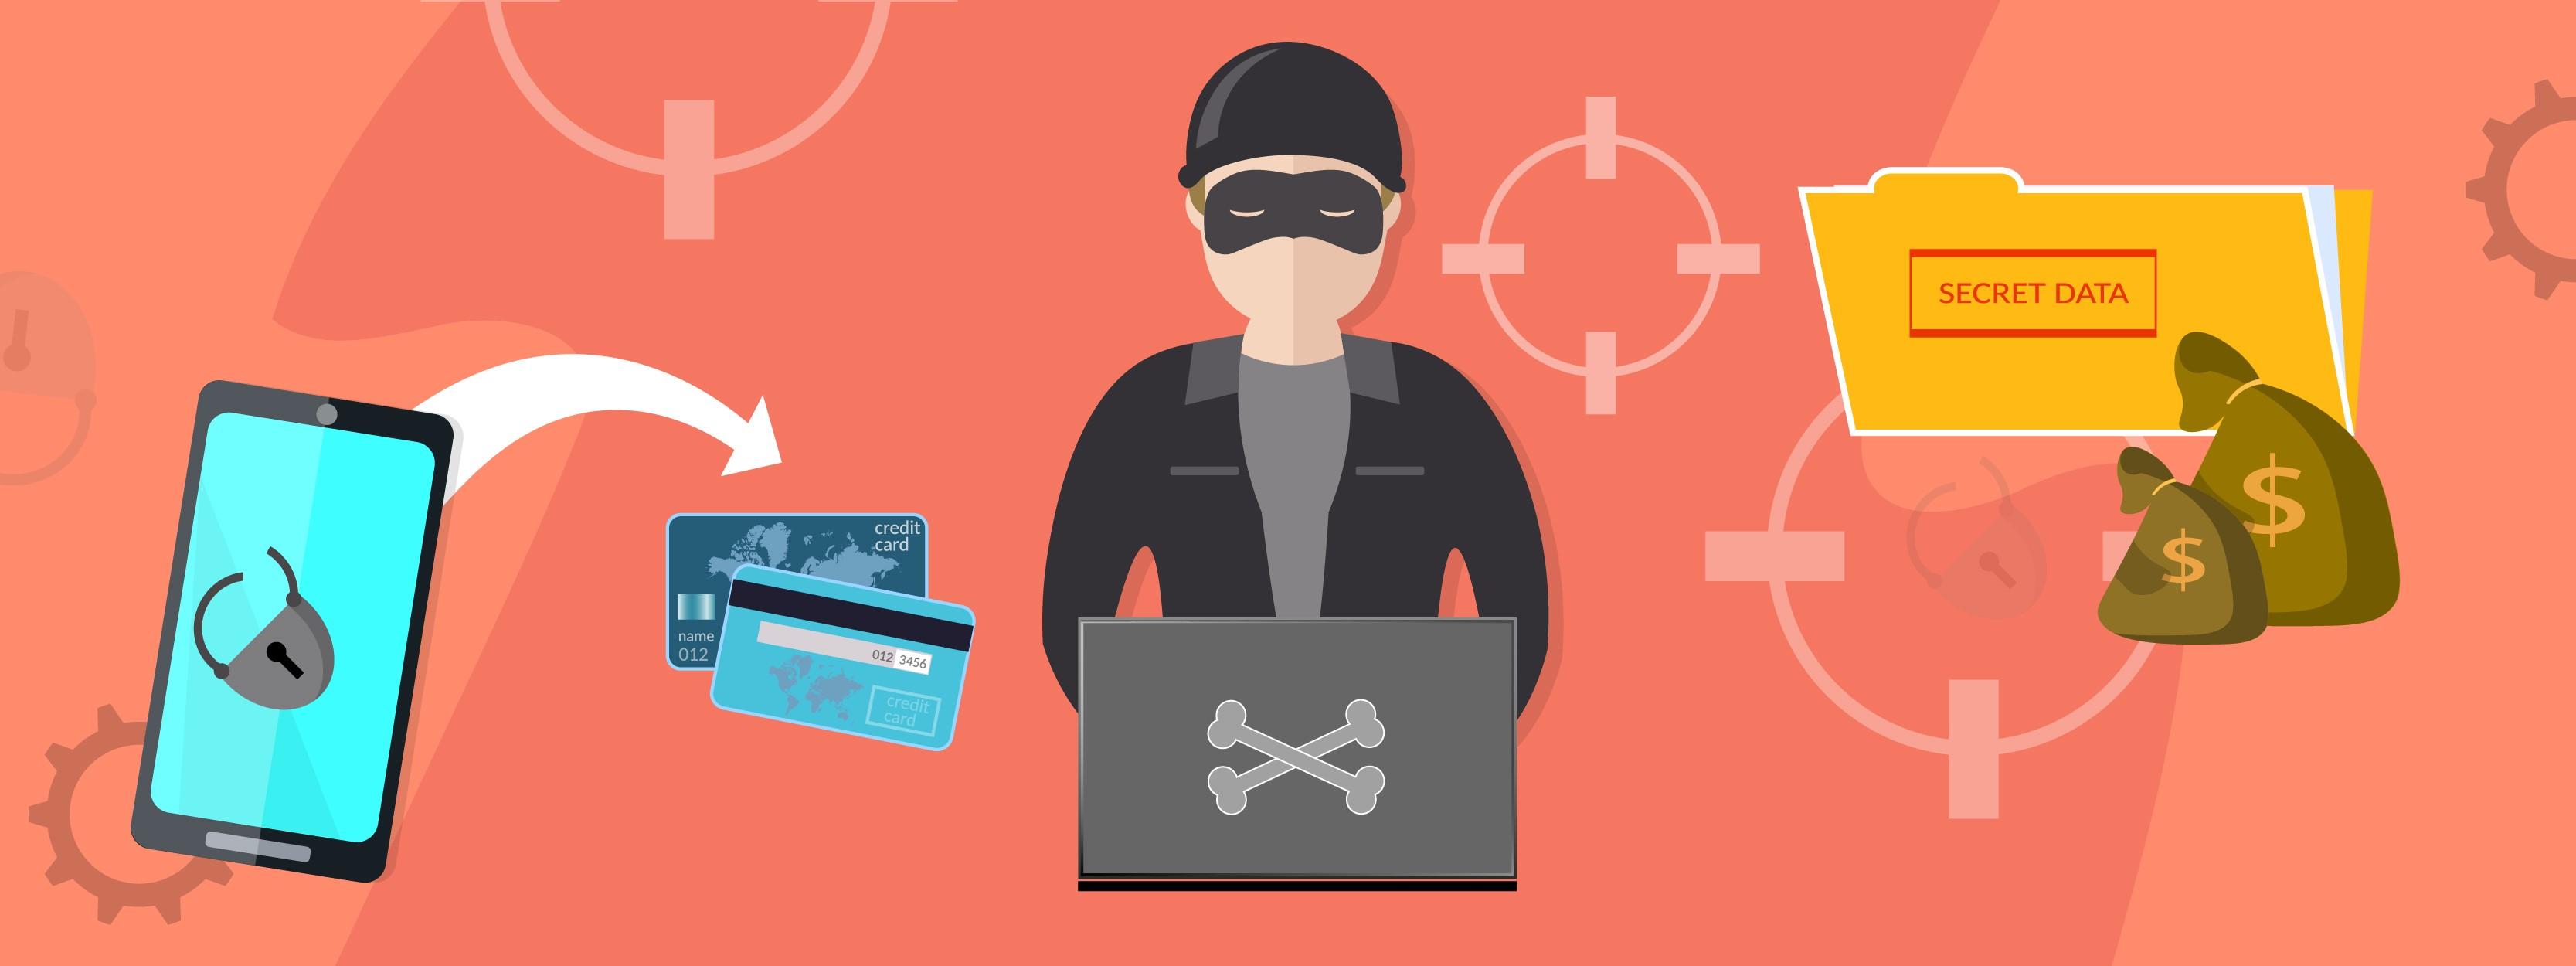 让我们一起看一看骗子绕过反欺诈保护的最新方法 -互联网之家